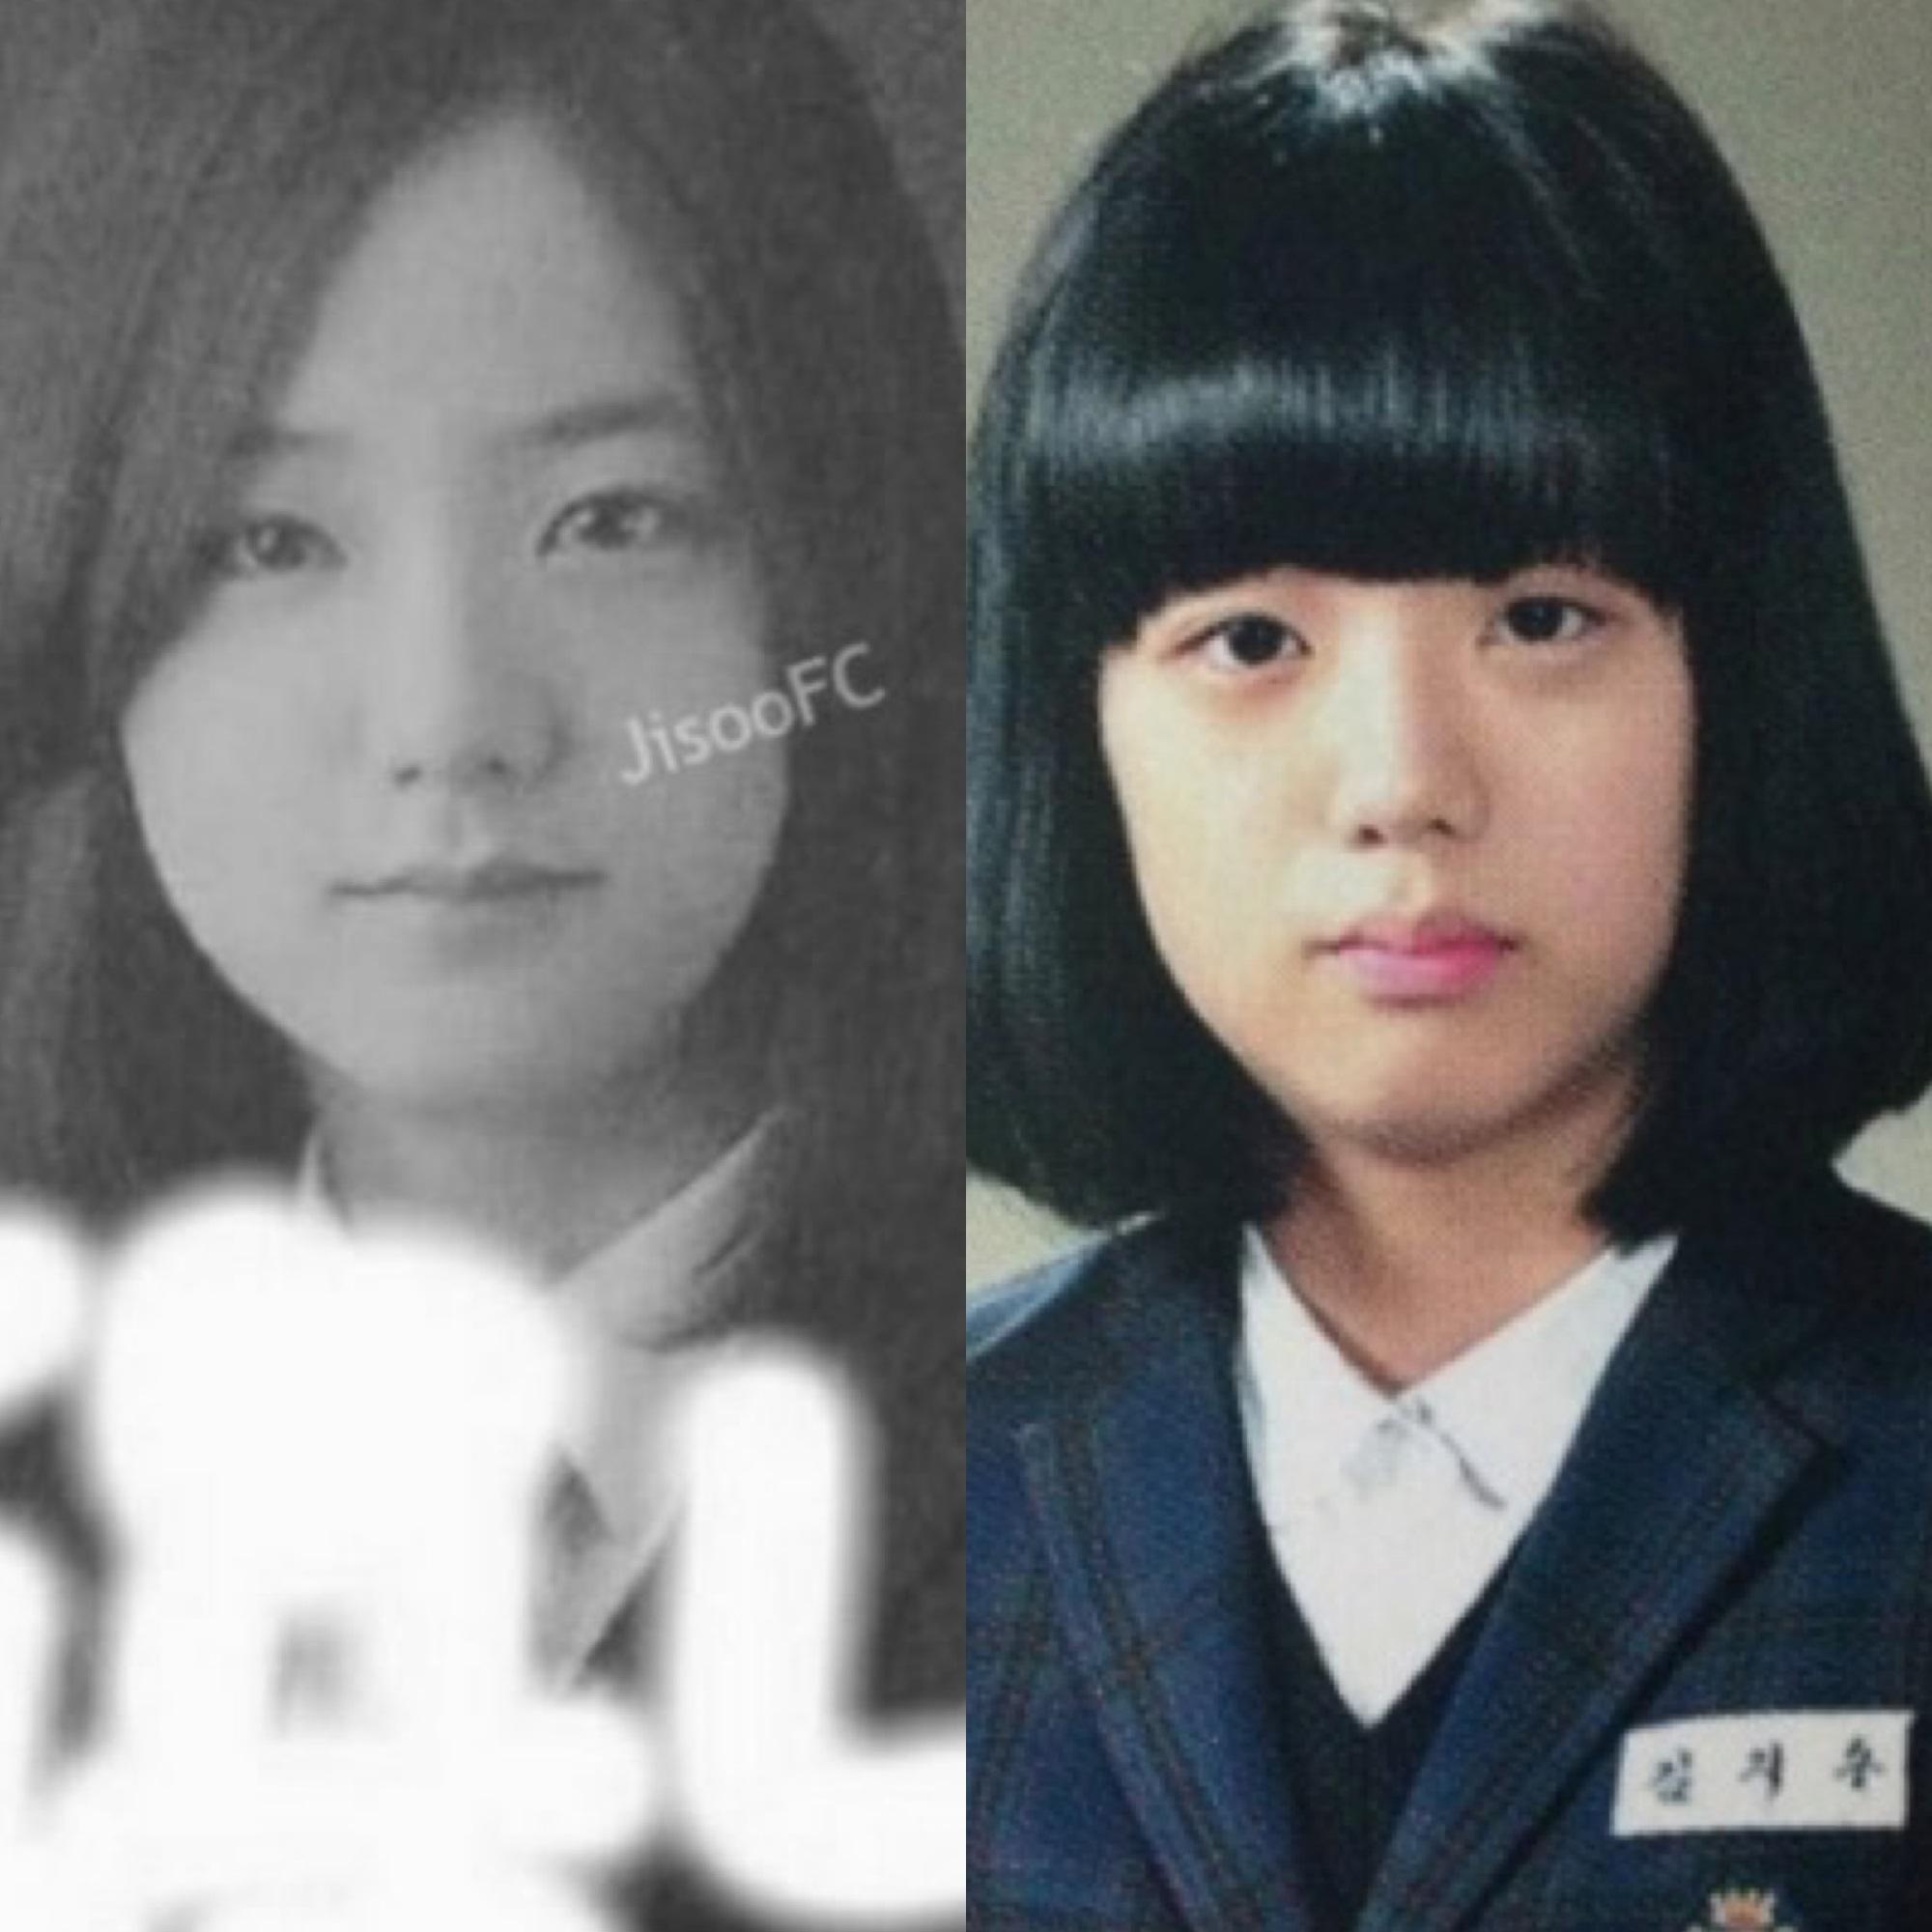 Ảnh tốt nghiệp của idol nữ khi chưa makeup, làm tóc cầu kỳ: Irene như nữ thần, Jisoo lại khác quá khác - Ảnh 5